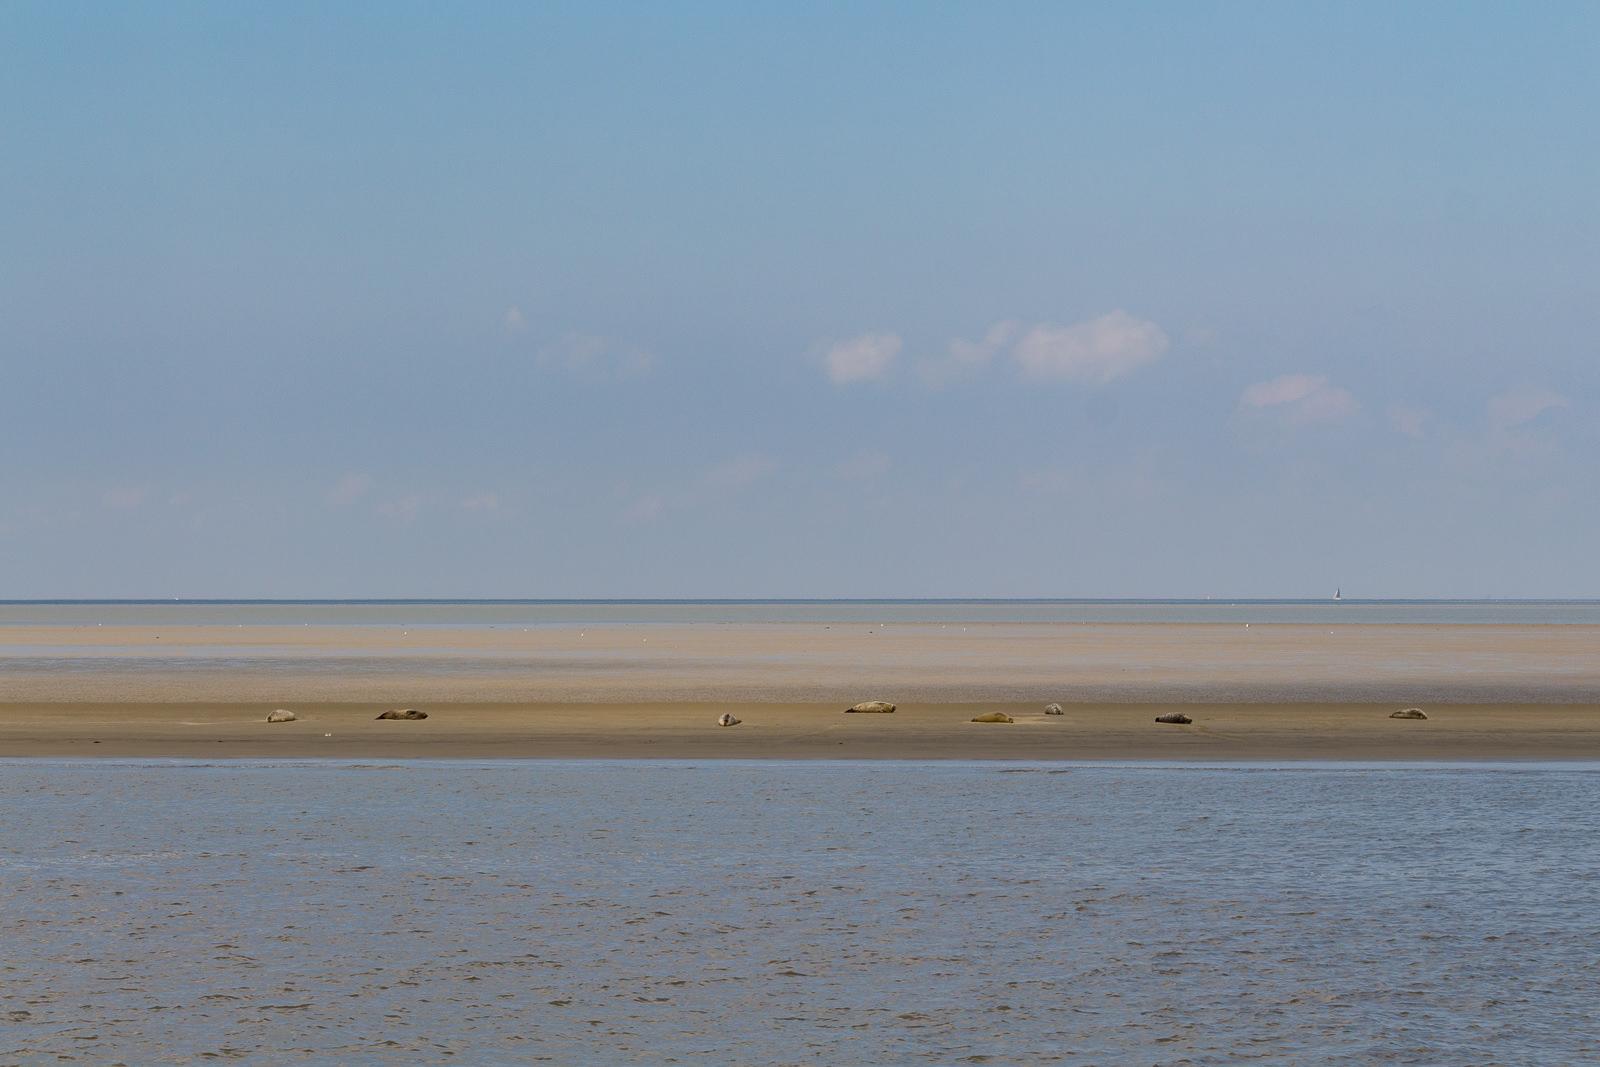 Seehunde, Cuxhaven, Wochenendreise, Hafen, Hafenrundfahrt, Schiffe, Boote